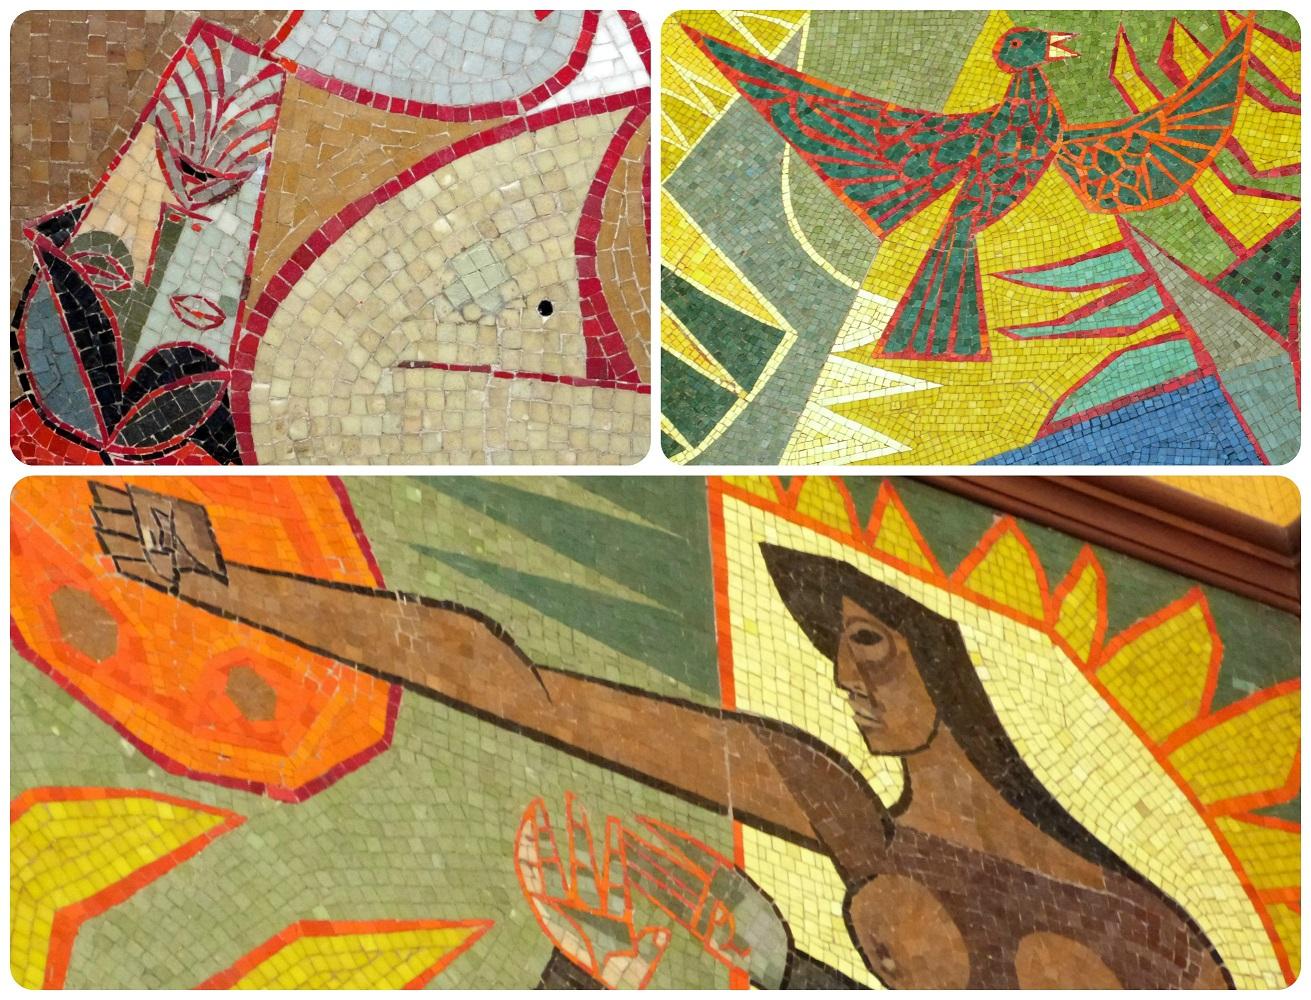 detalles del mosaico del Palacio Presidencial de Quito